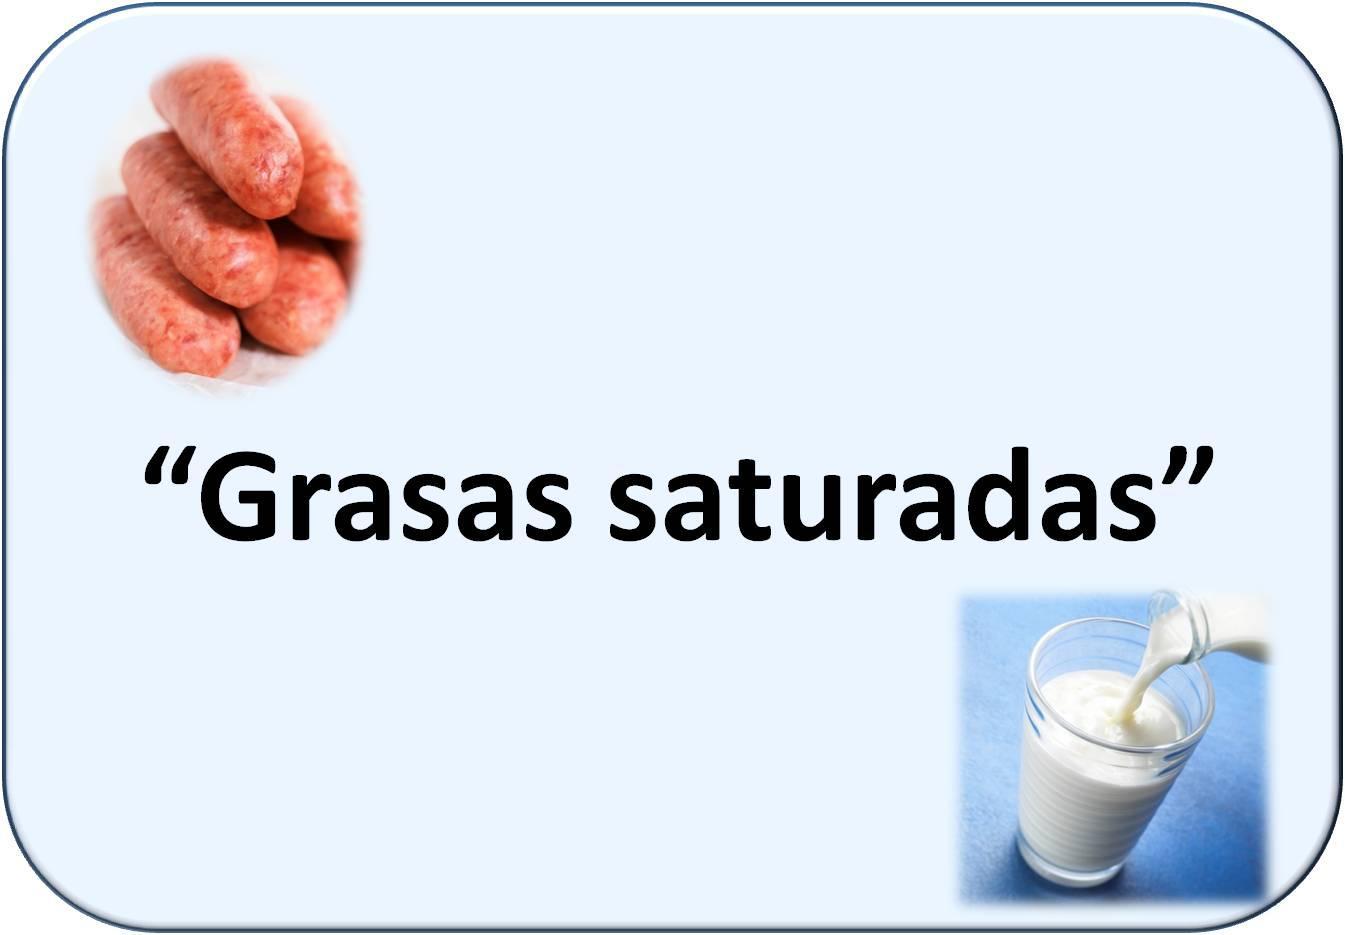 Simbología de grasas saturadas: salchichas y leche